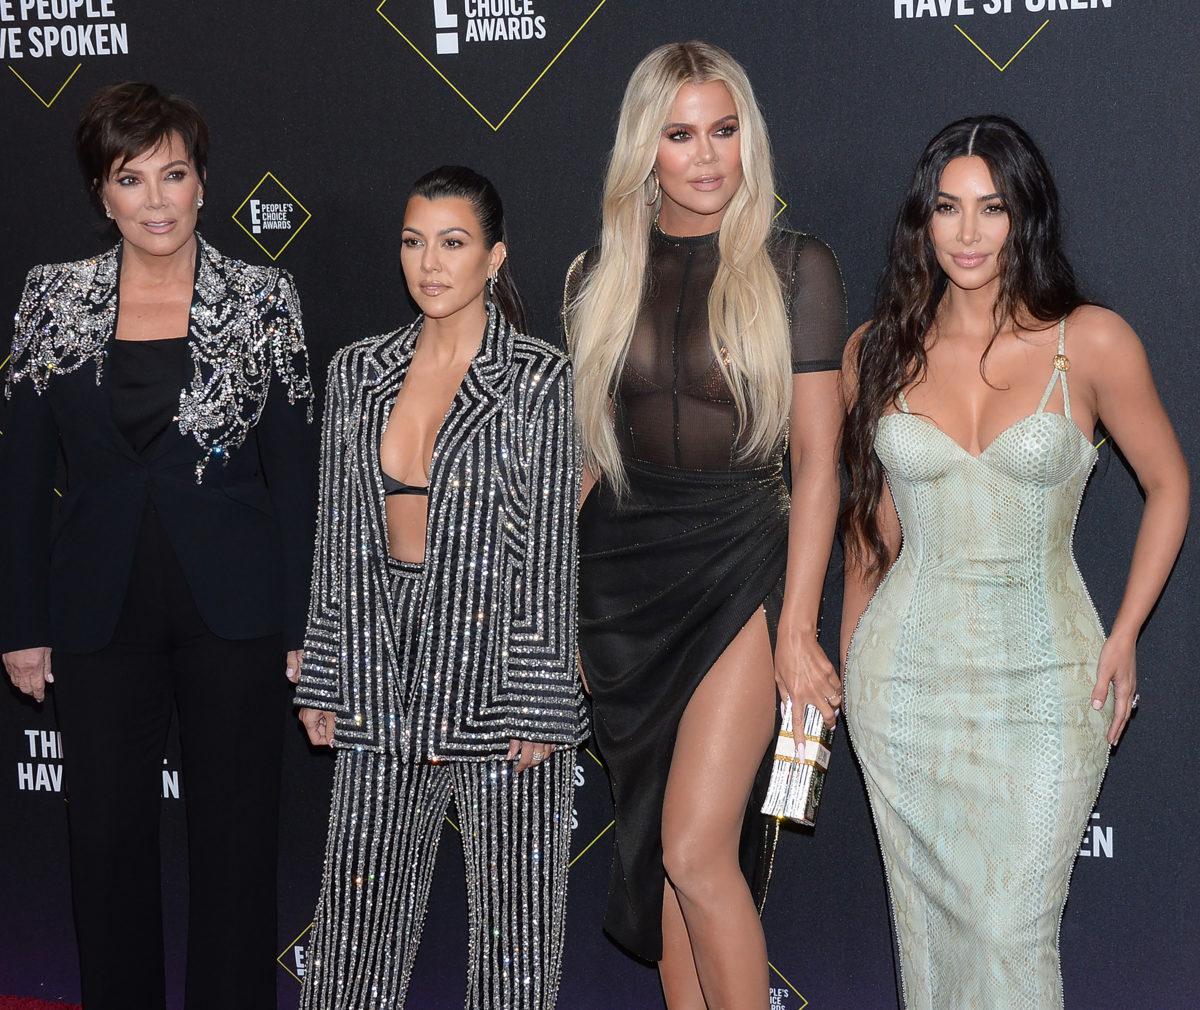 Είναι τα ματ νύχια η νέα τάση; Ναι, σύμφωνα με τις Kardashian-Jenner! | tlife.gr